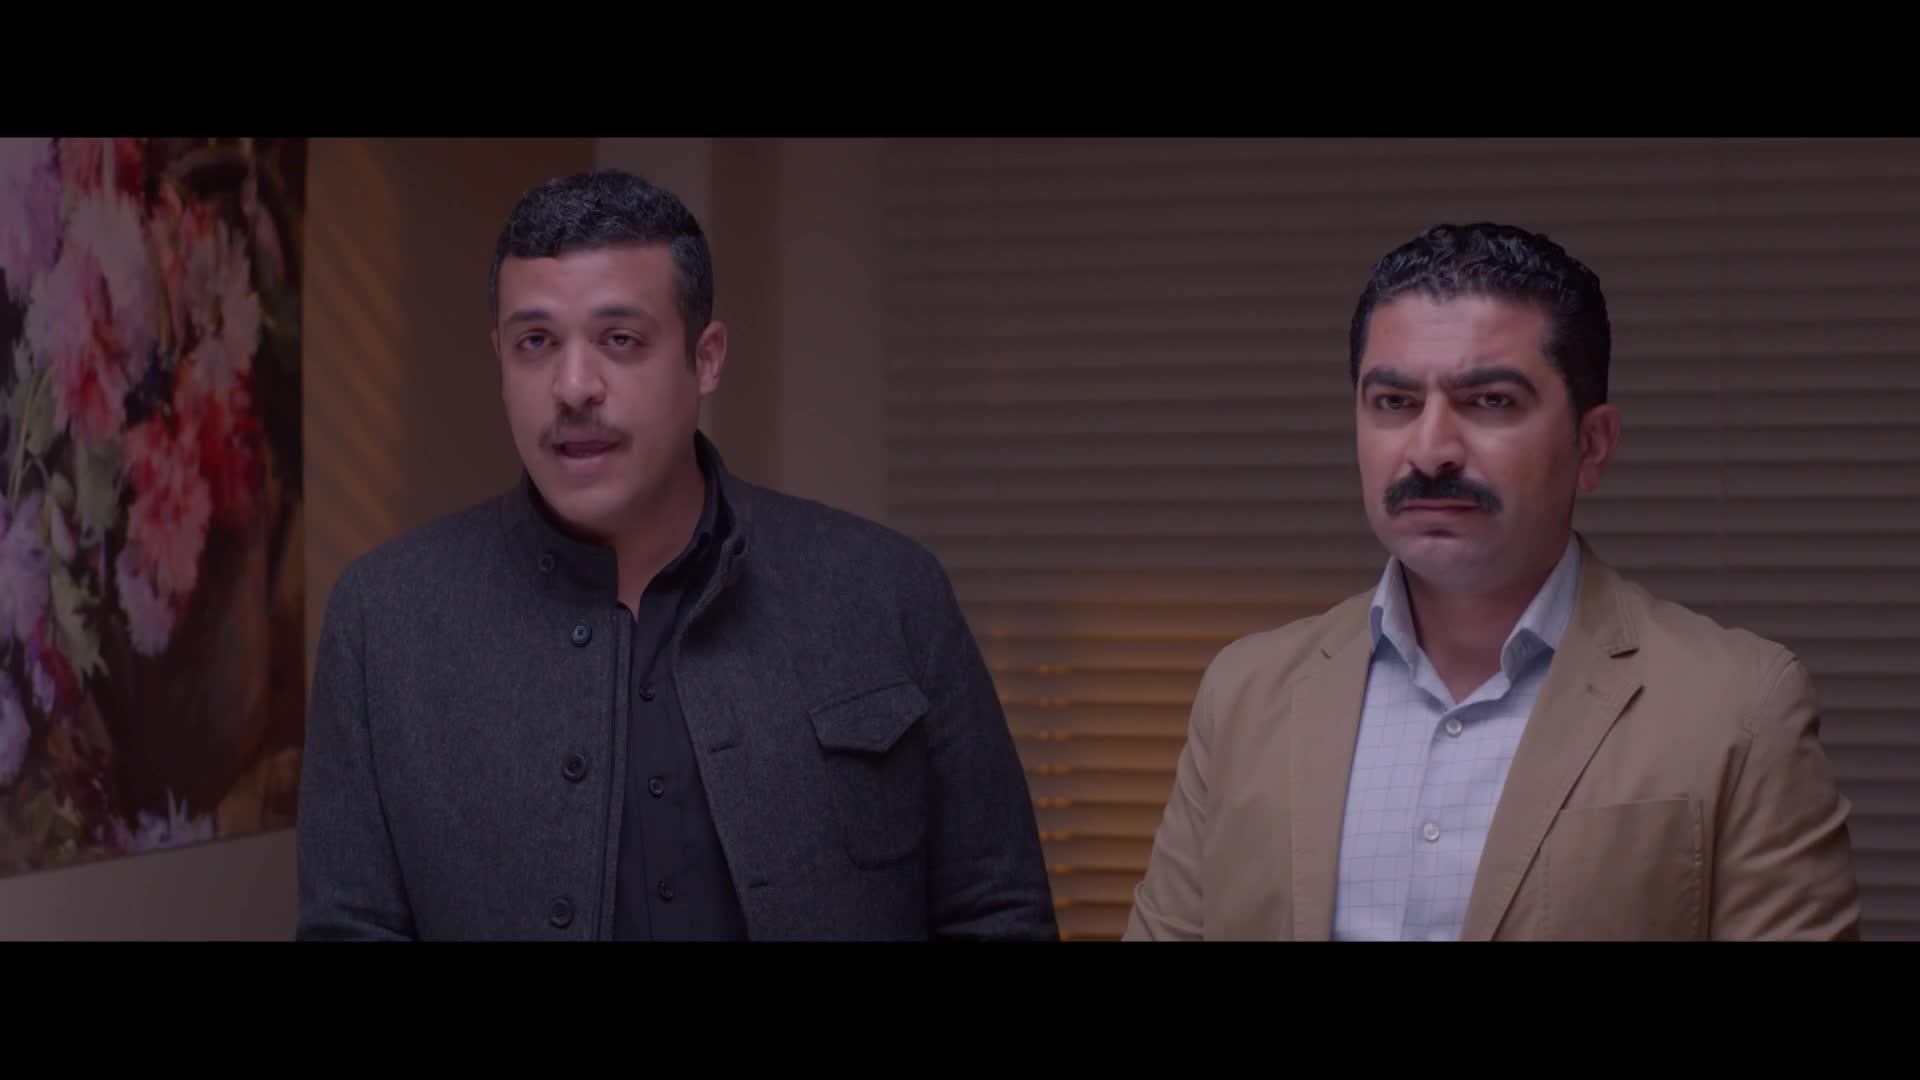 المسلسل المصري قوت القلوب (2020) الحلقات من ( 01 إلى 05 ) 1080p تحميل تورنت 7 arabp2p.com